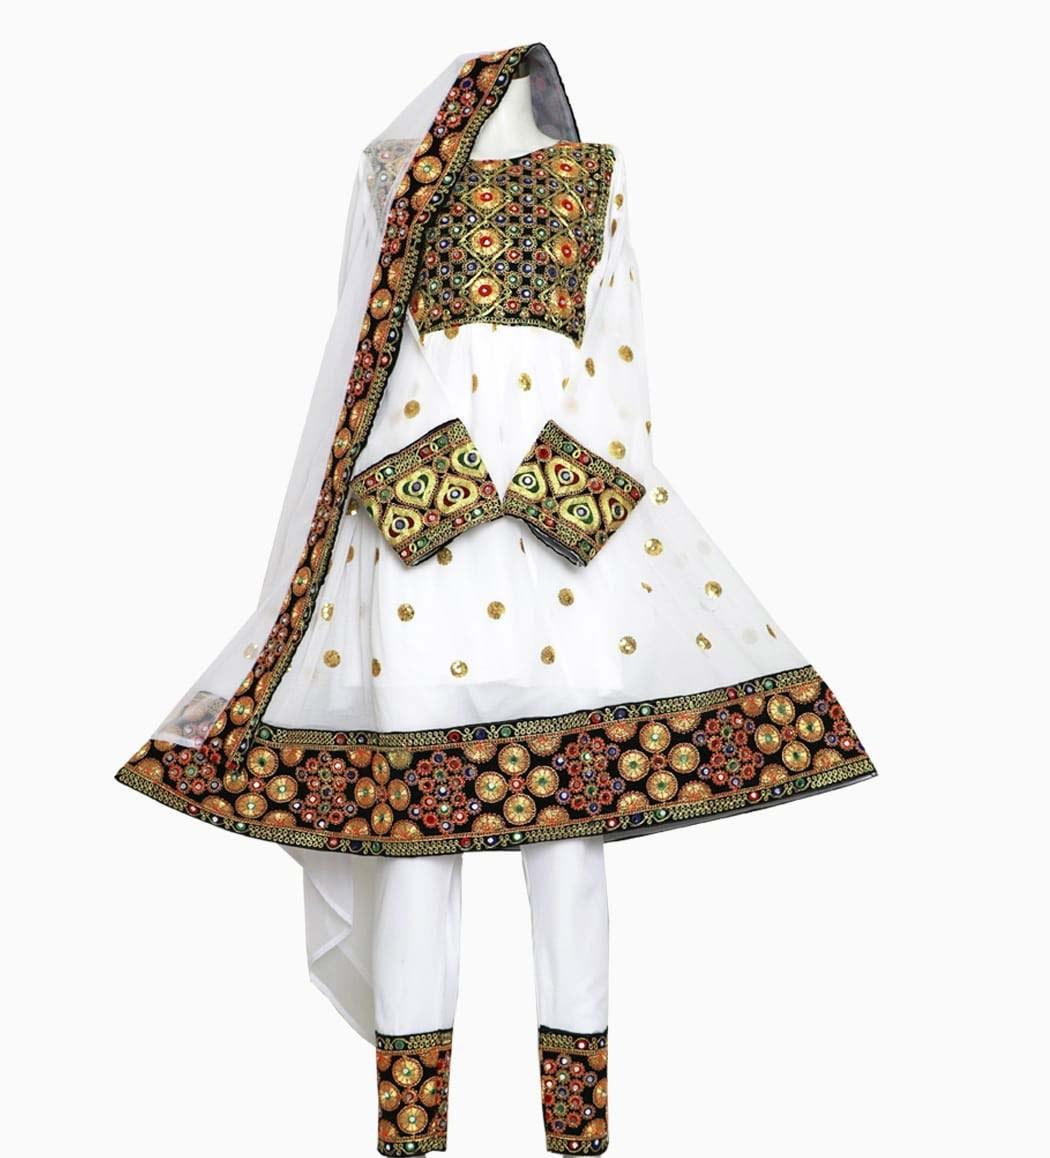 تصویر لباس گند افغانی کد KH-01029